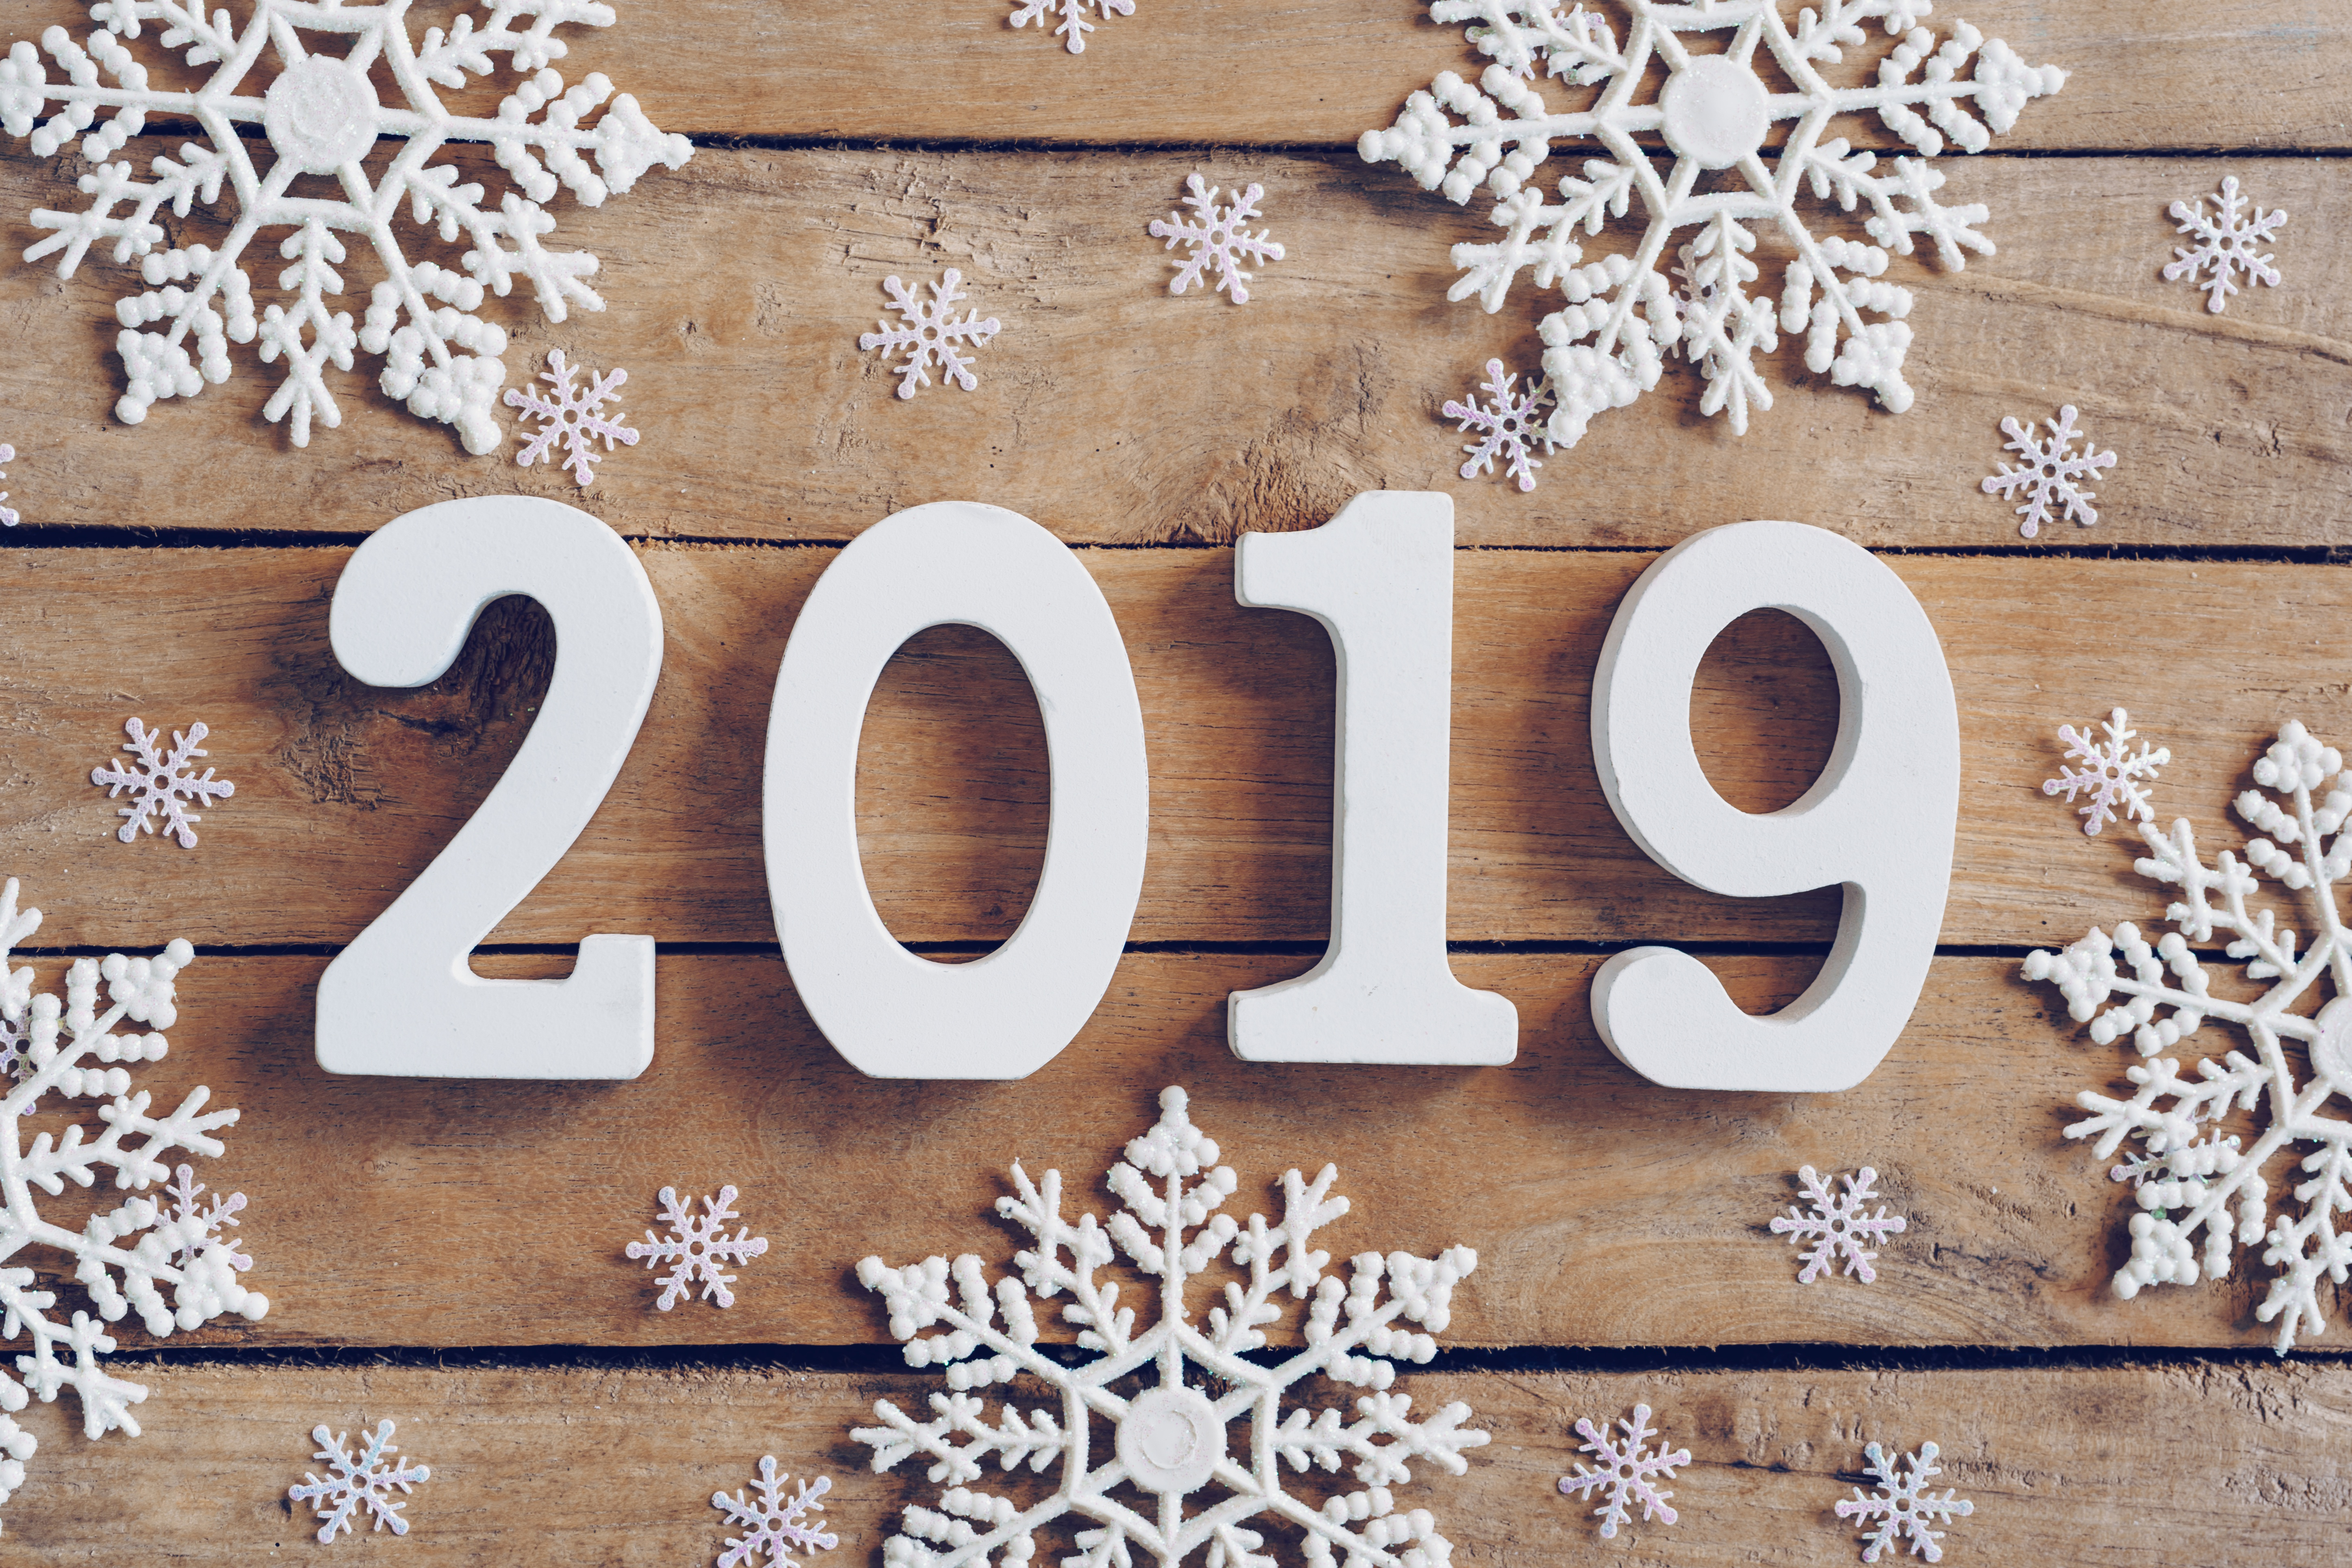 Картинки для рабочего стола зима новый год 2019